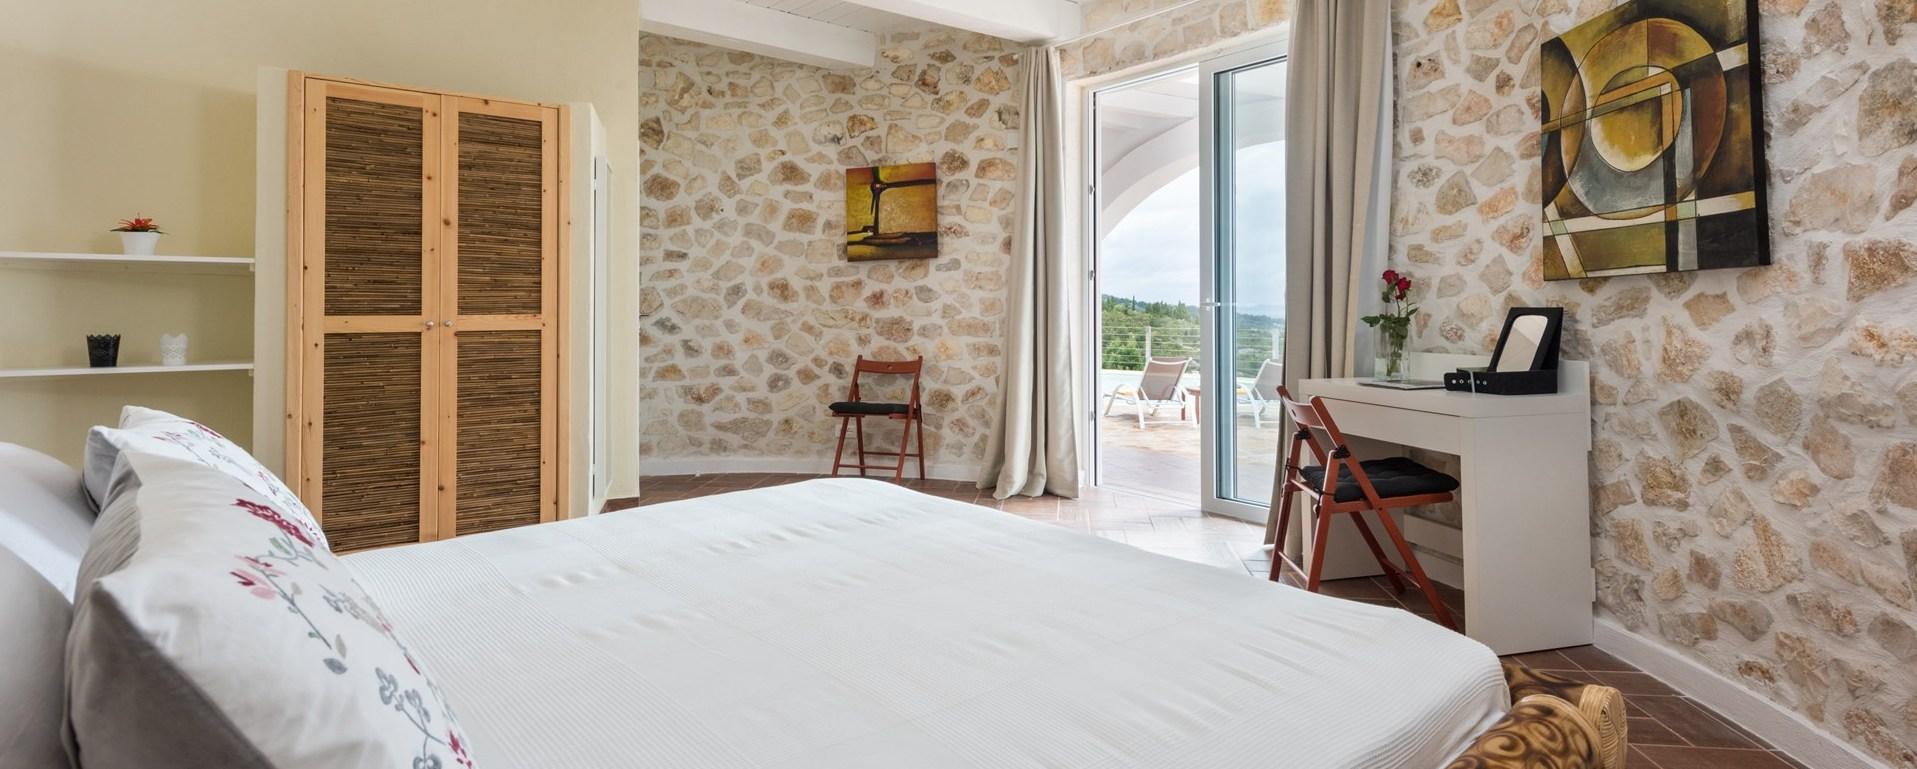 villa-pandora-double-bedroom1